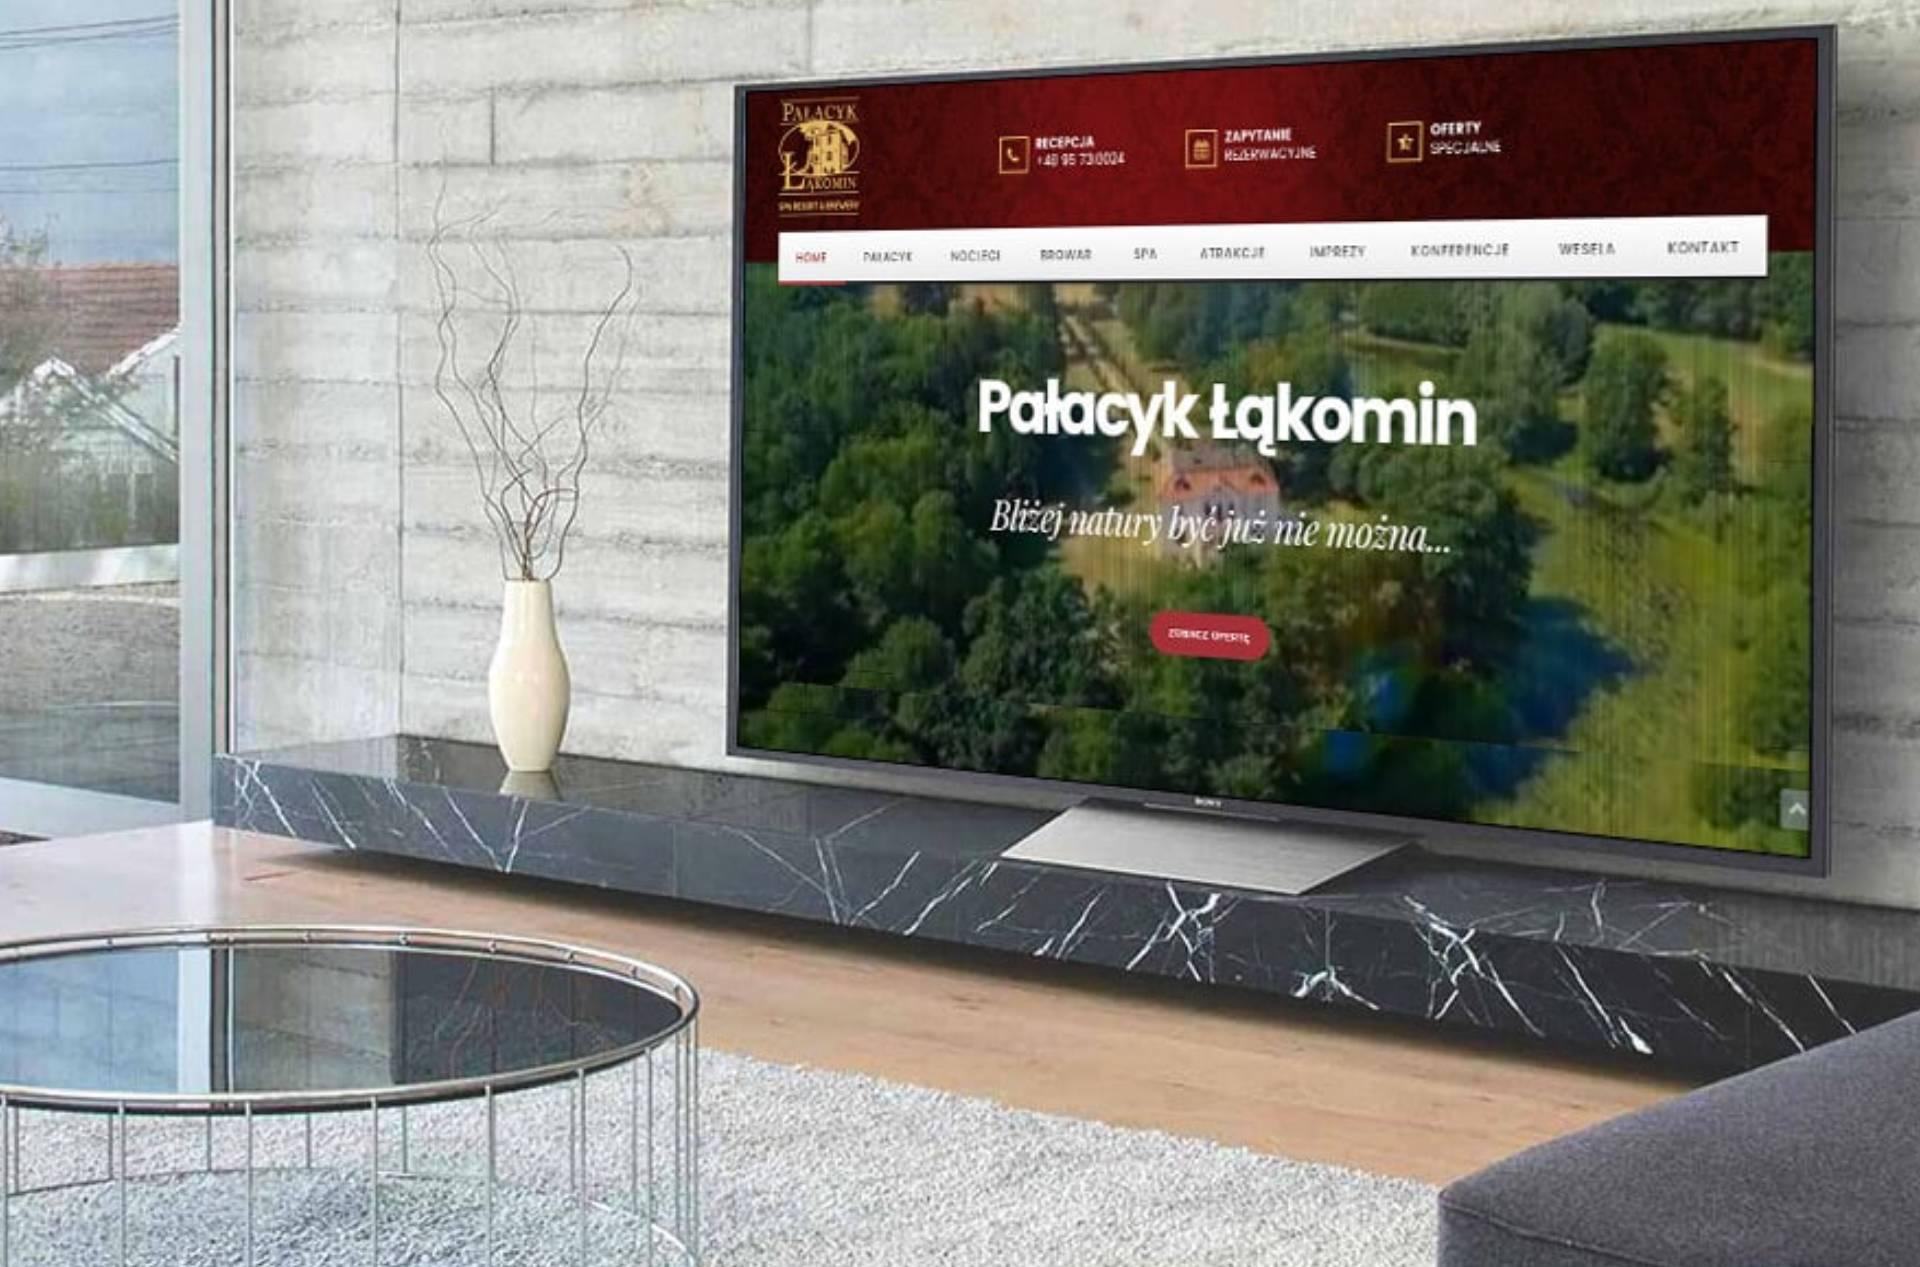 ROAN24 Palace Łąkomin Website